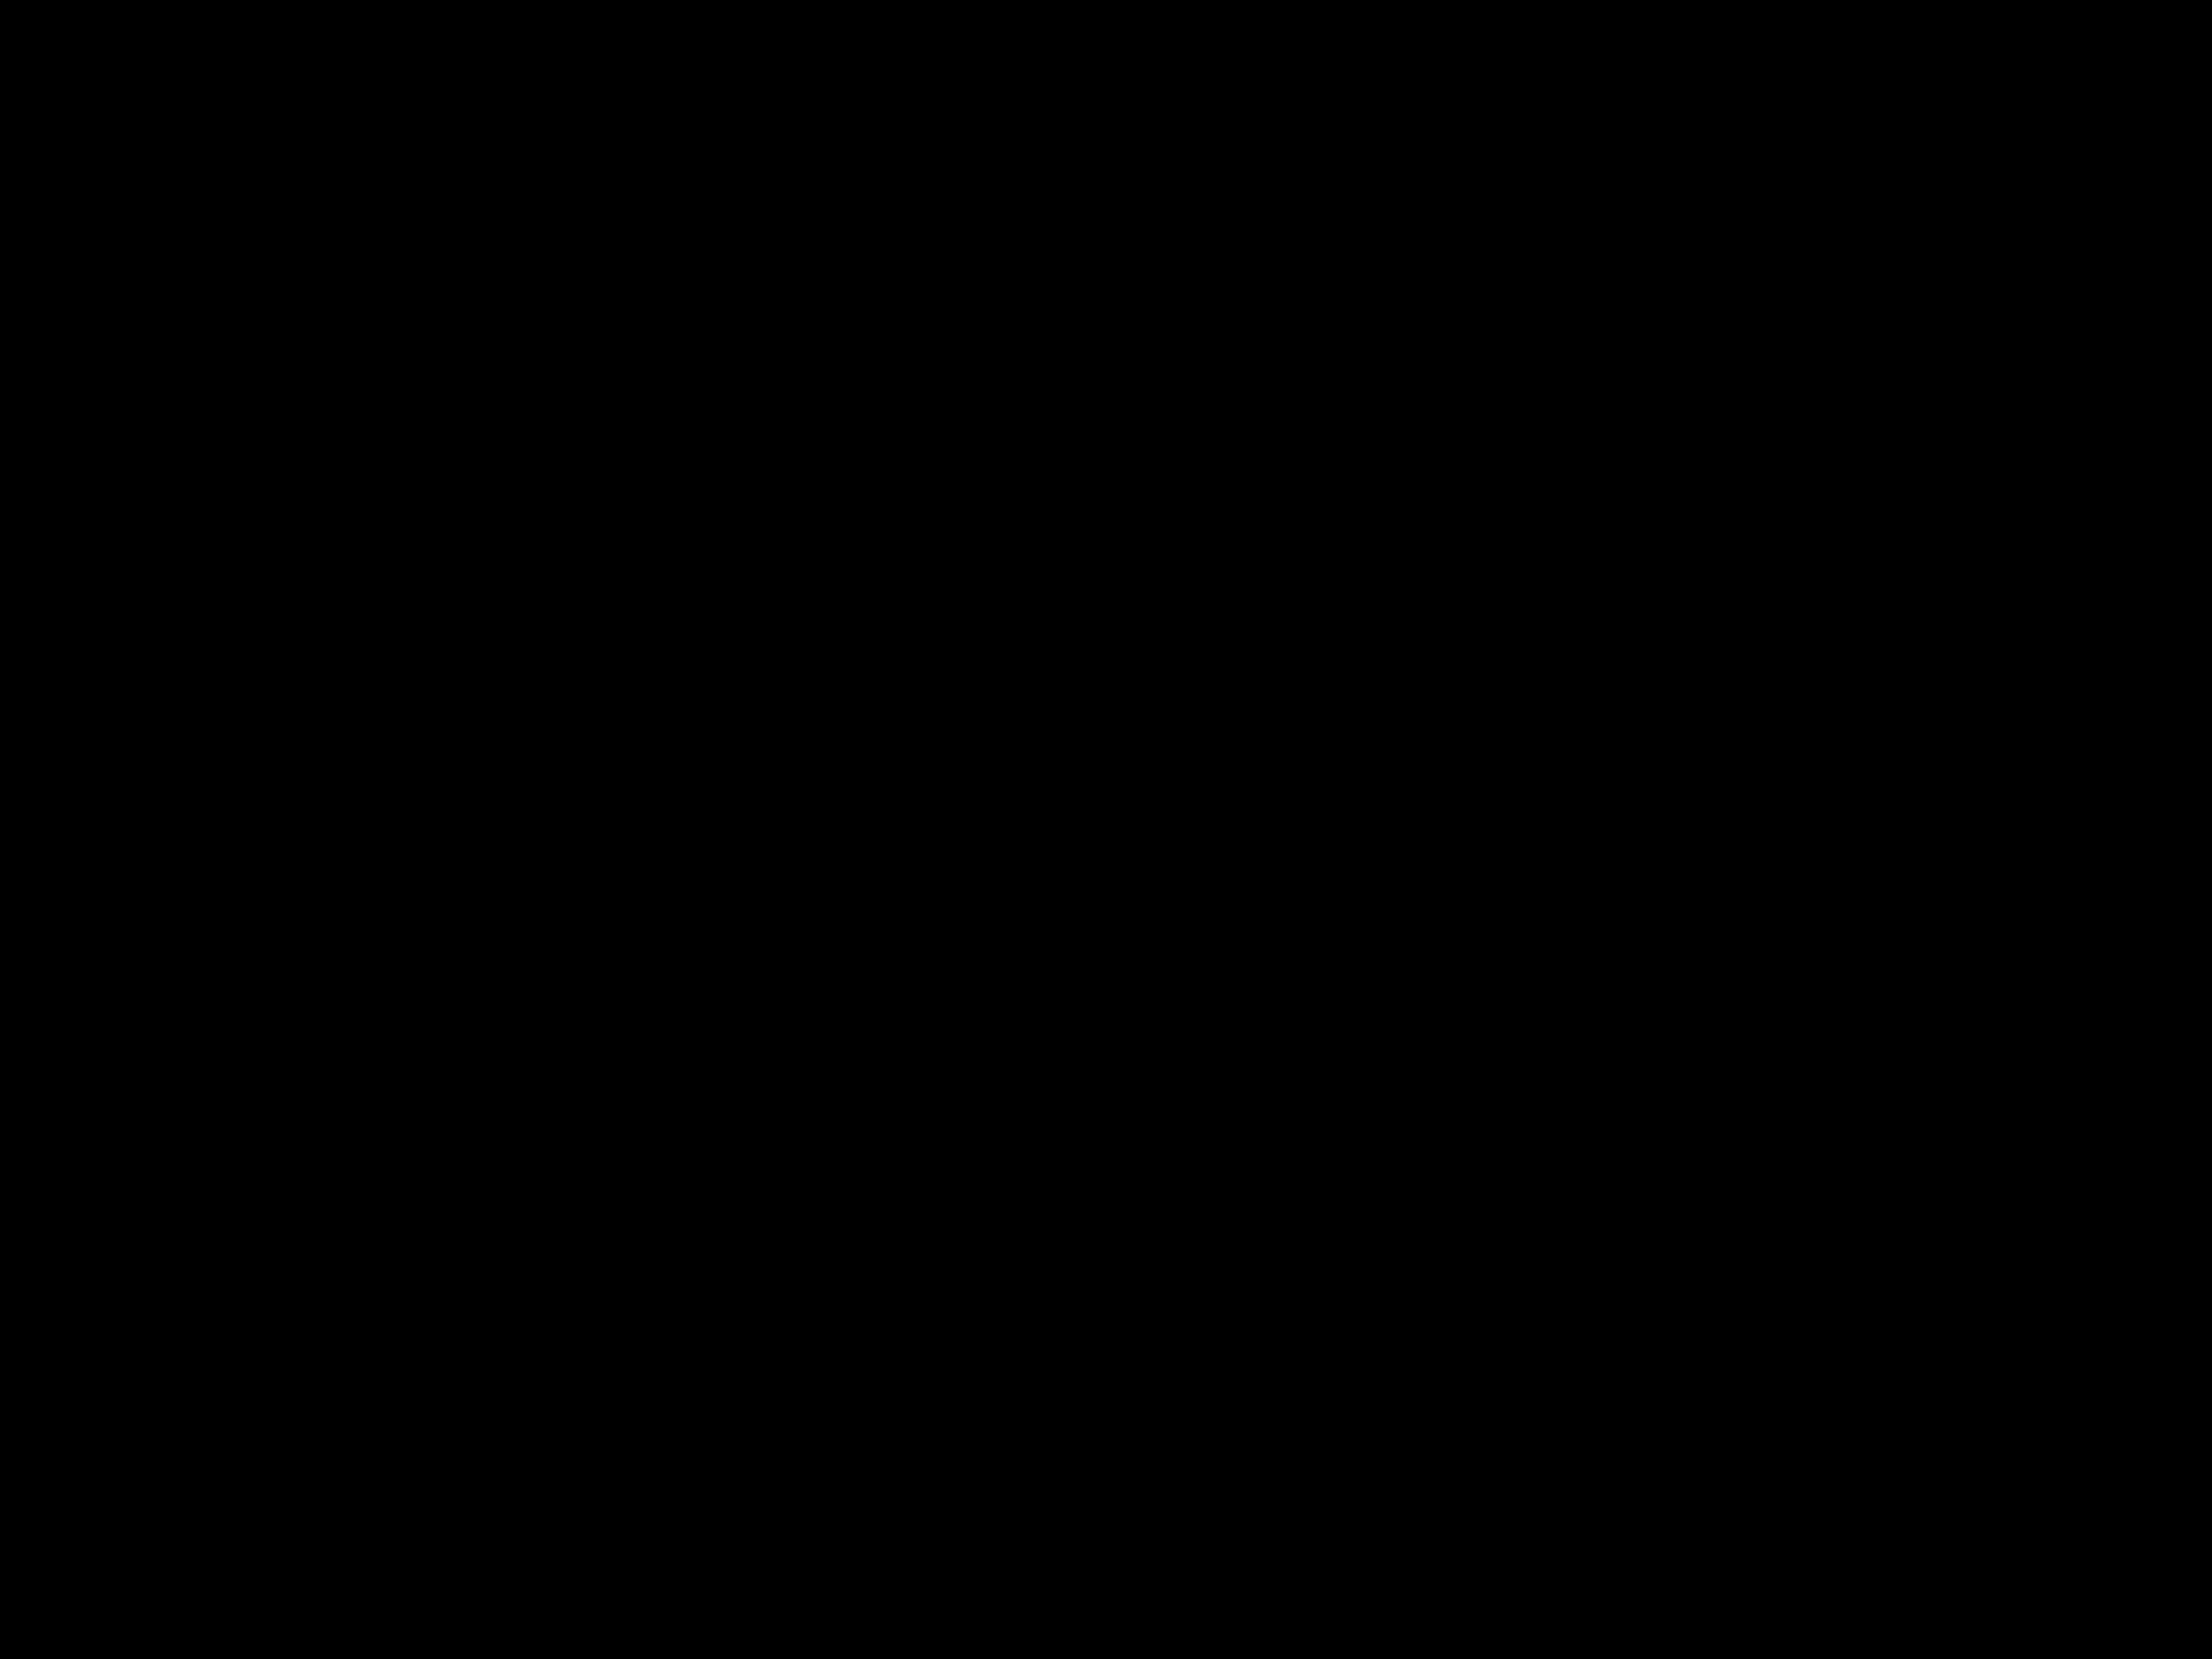 Eine Drohne liegt in einem Netz am Boden